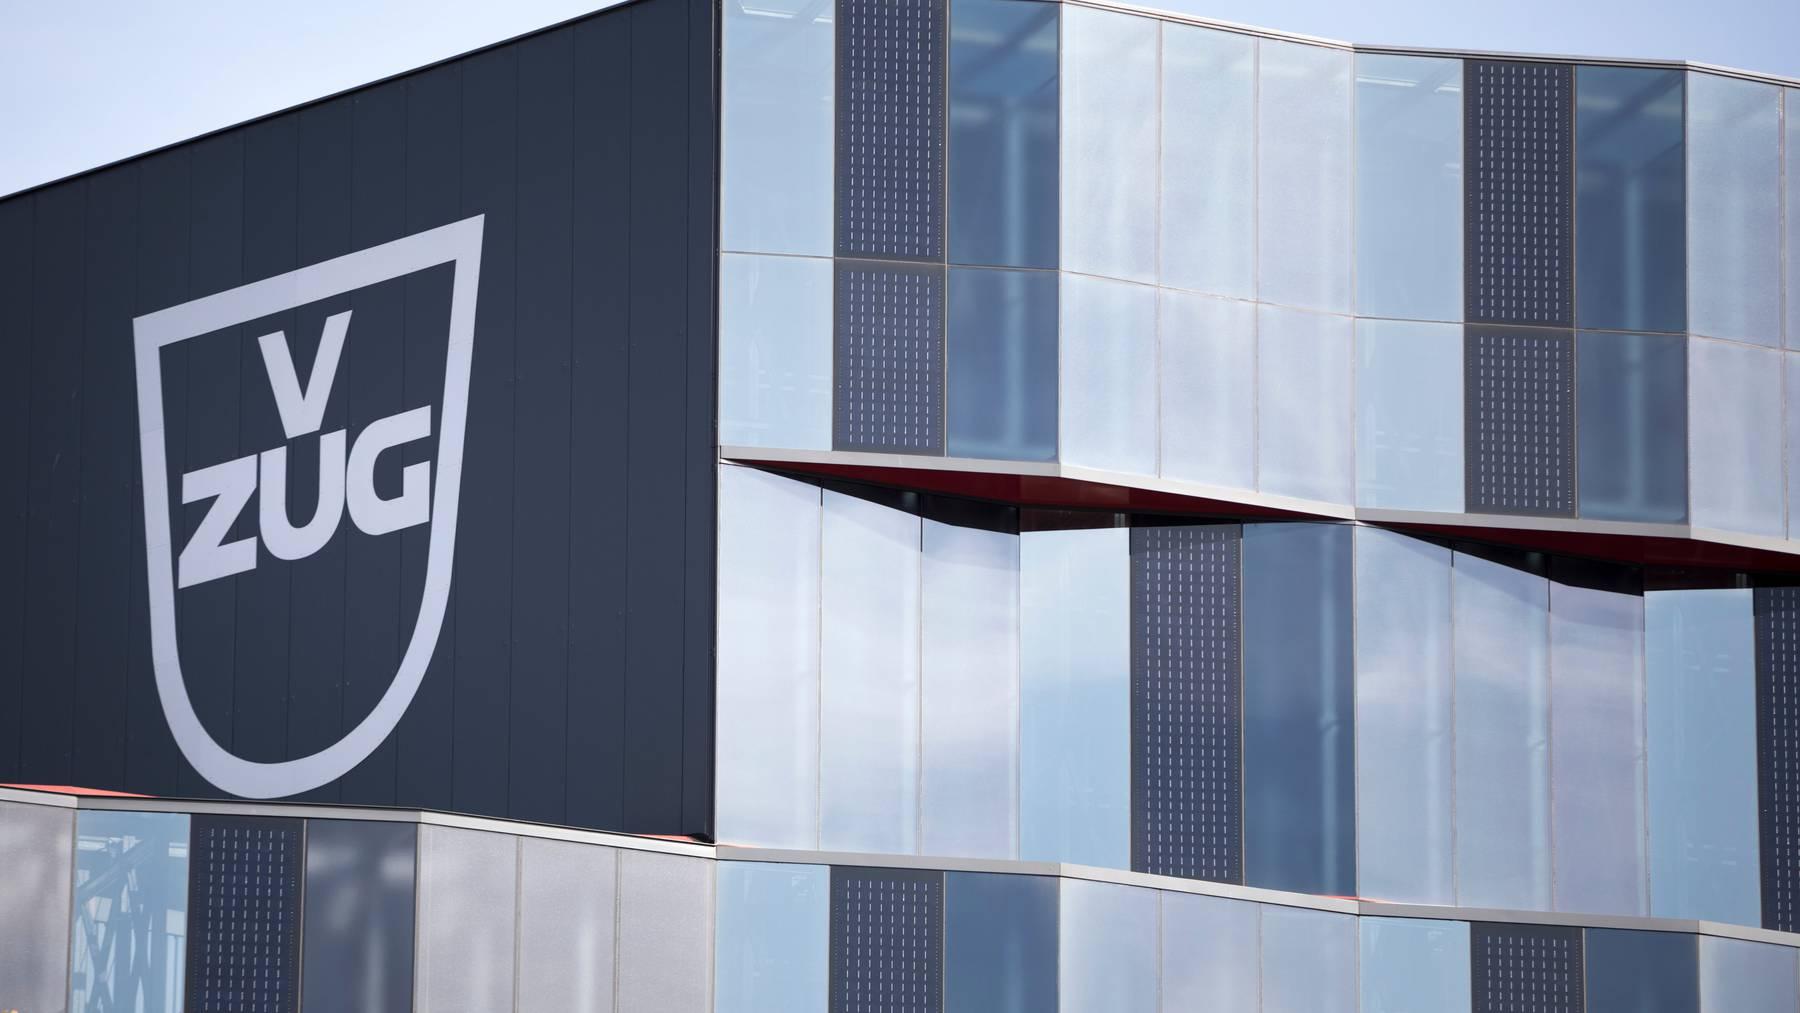 Stabile Nachfrage: Die V-Zug Gruppe profitierte davon, dass die Baustellen im Heimmarkt Schweiz offen blieben.